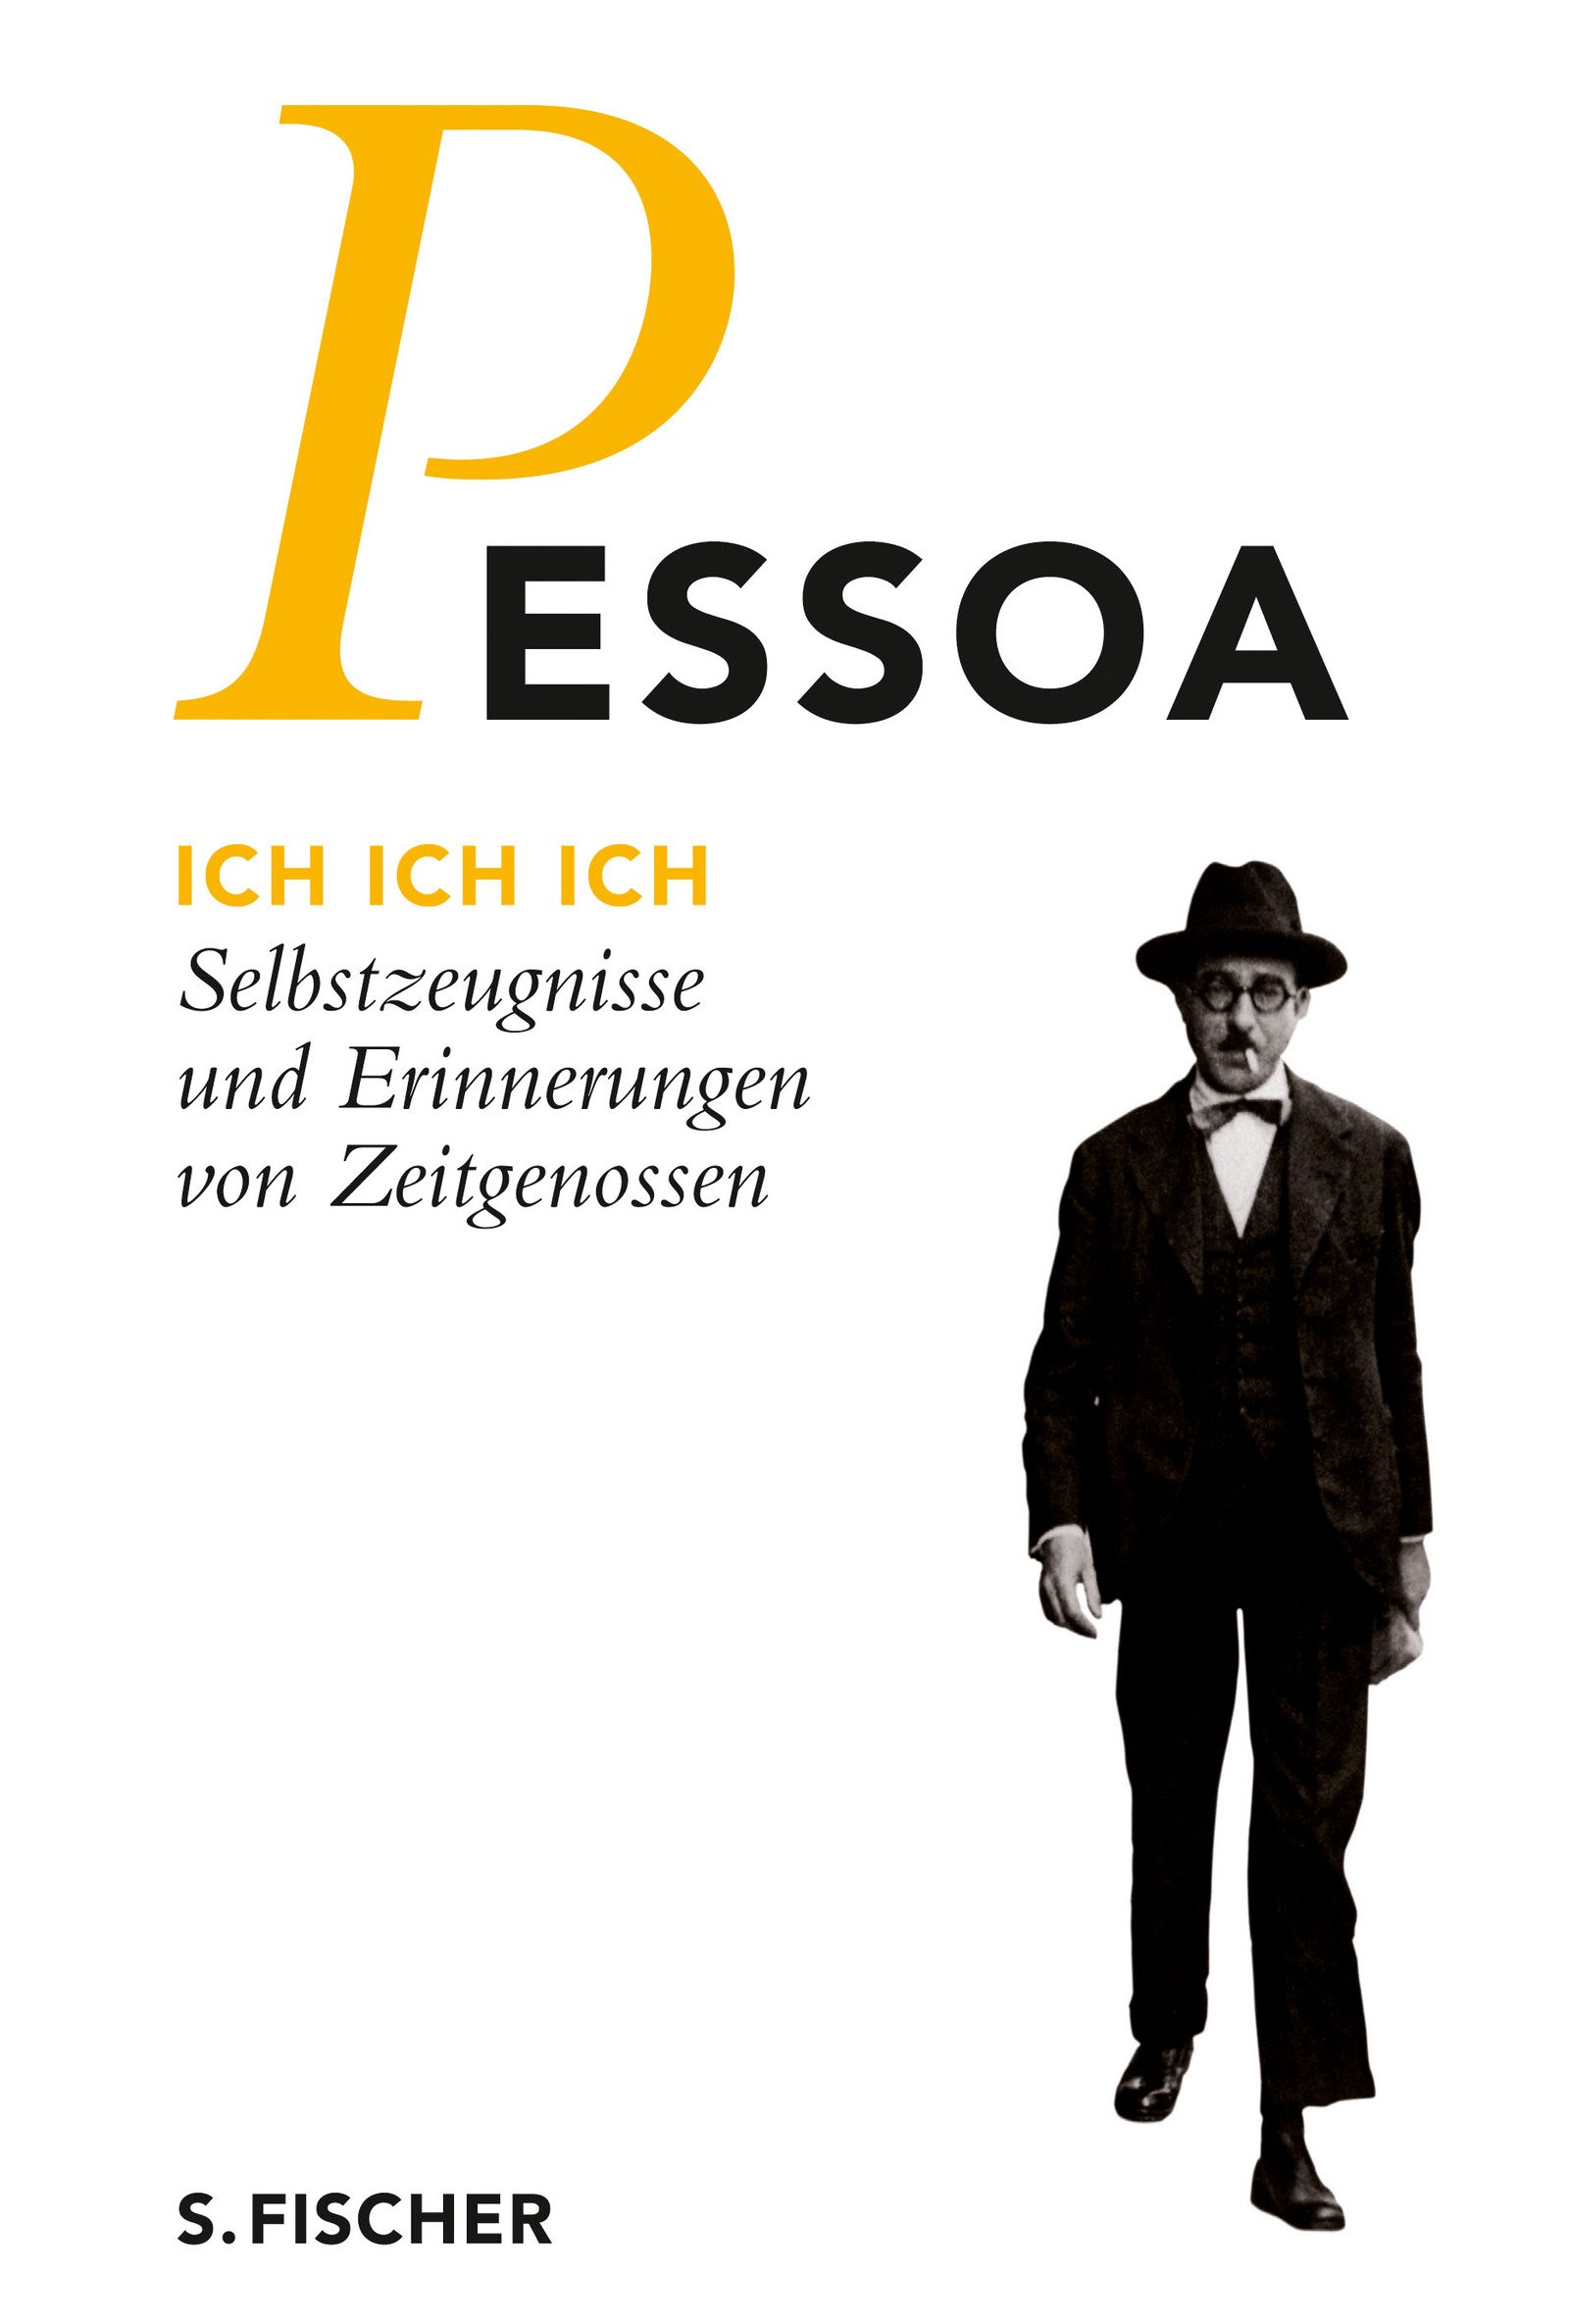 Ich Ich Ich: Selbstzeugnisse und Erinnerungen von Zeitgenossen (Fernando Pessoa, Werkausgabe)